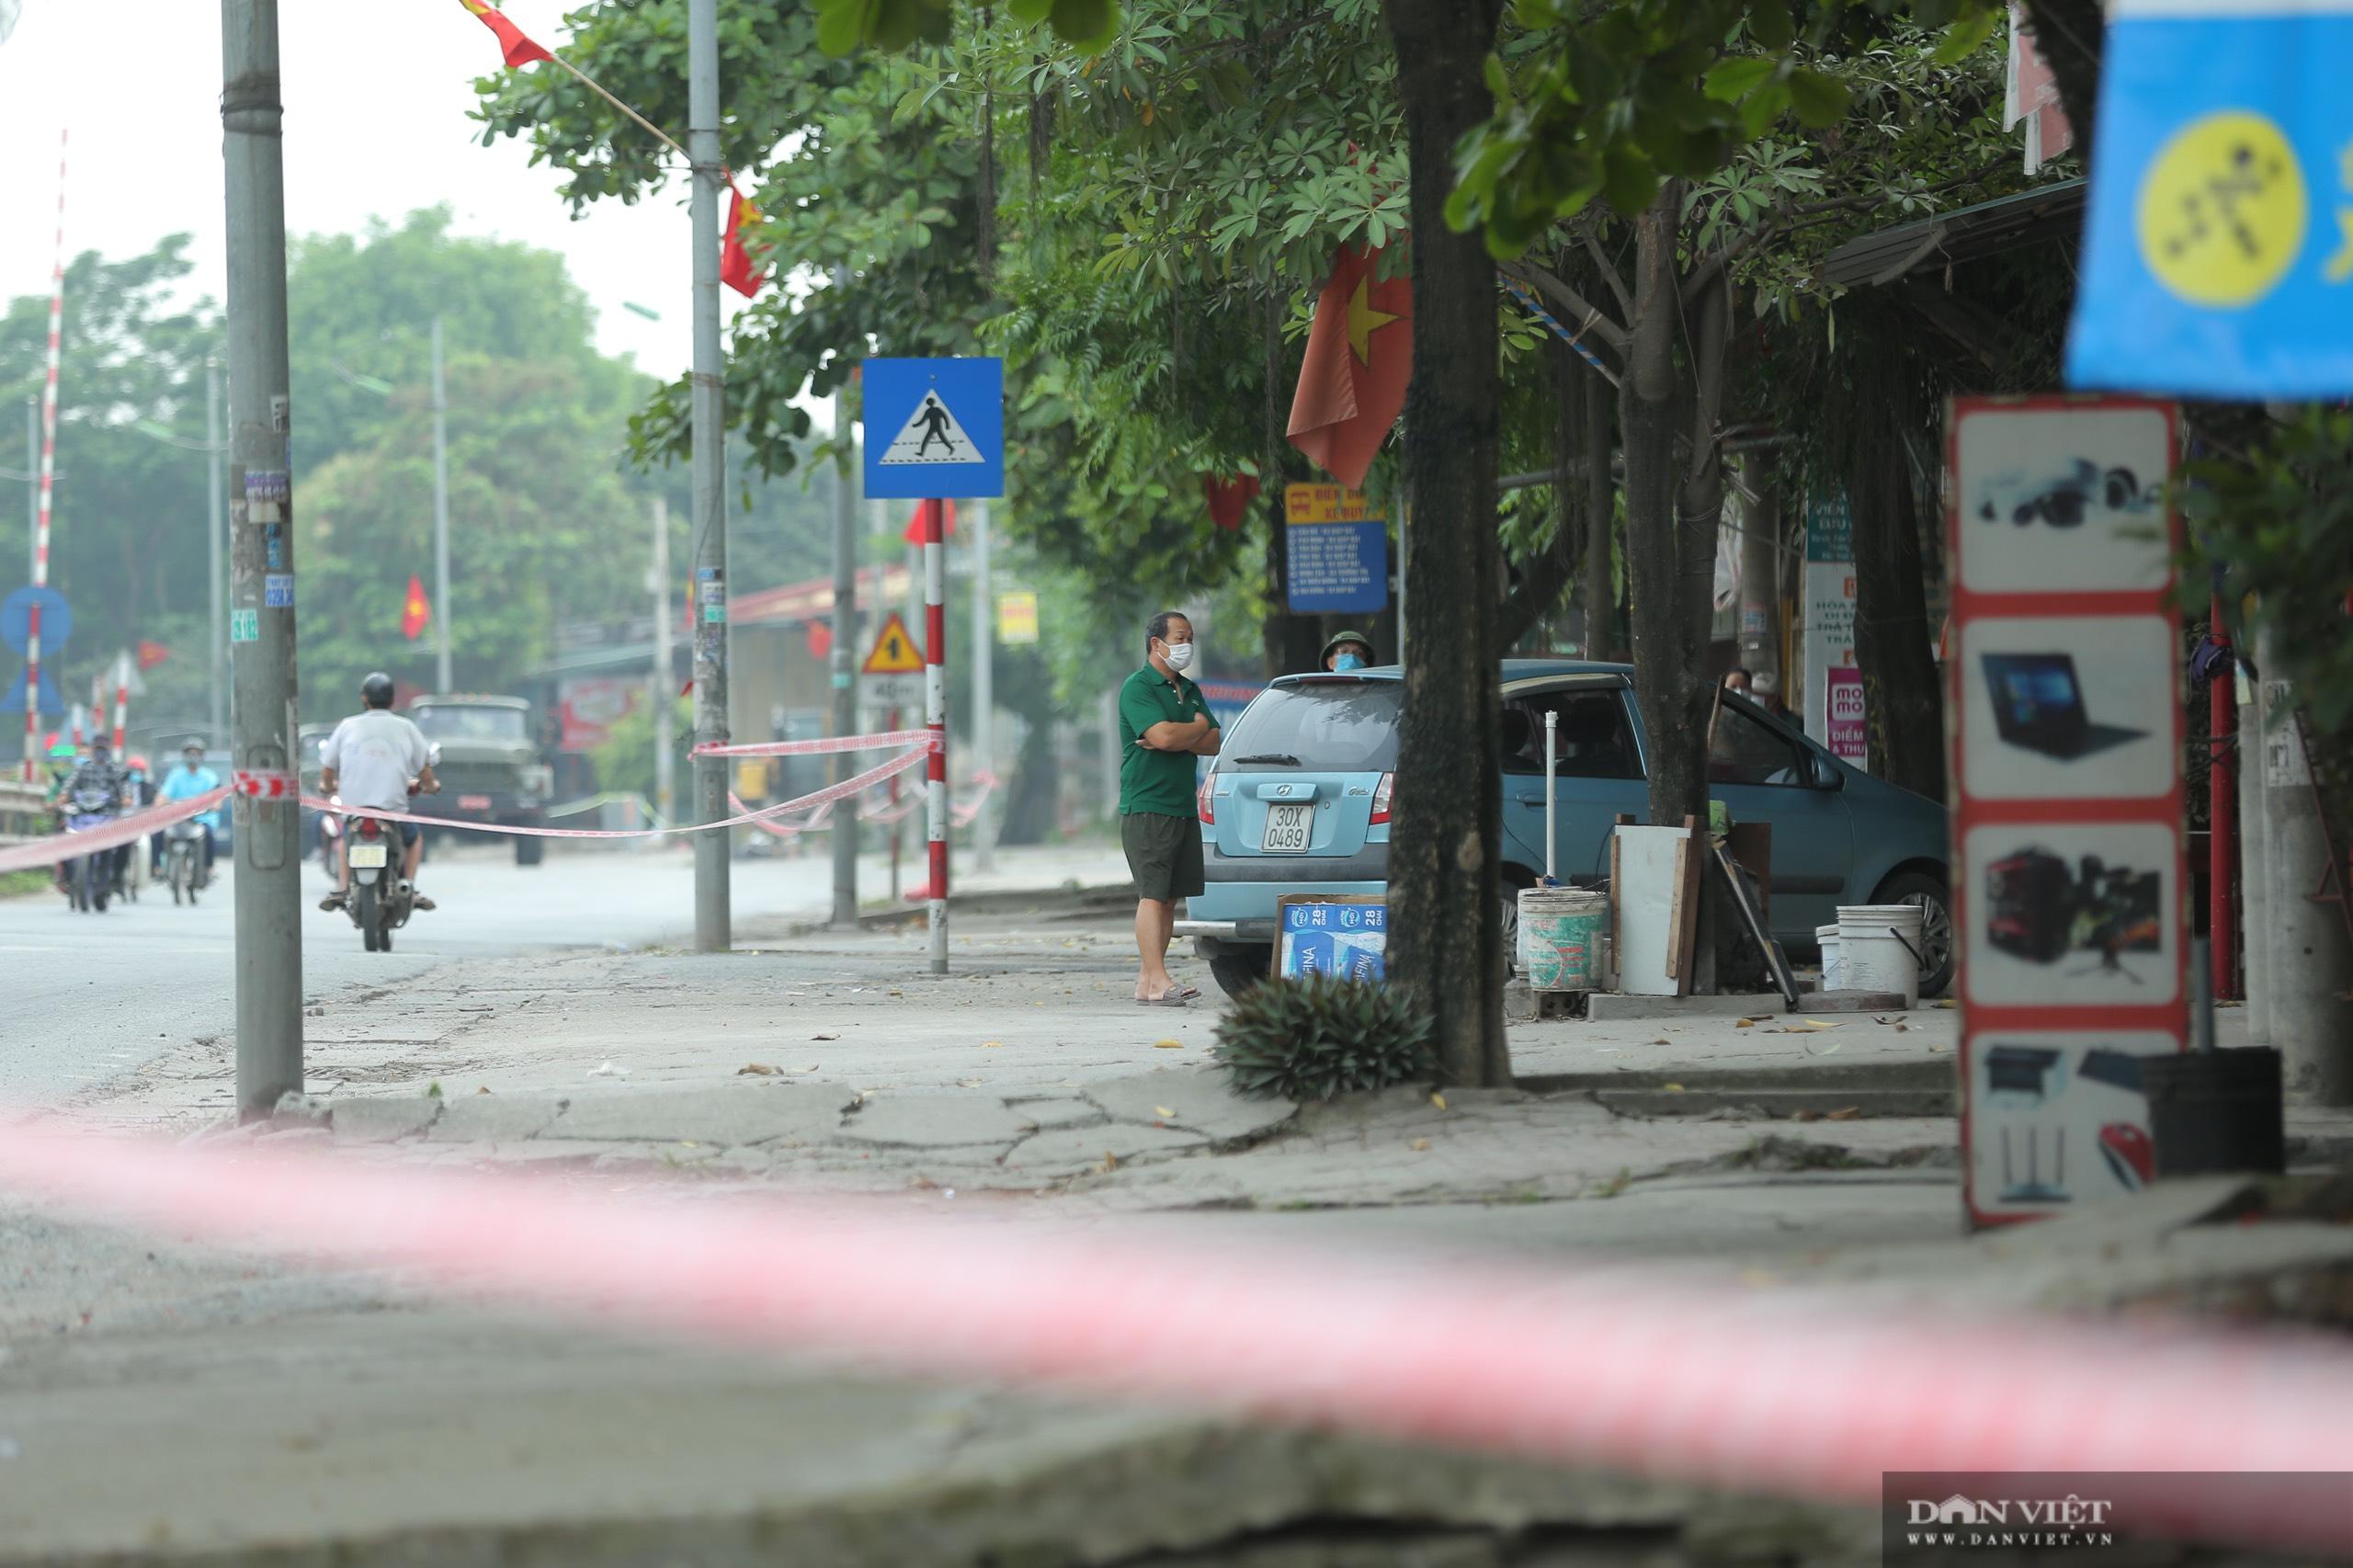 Hàng trăm hộ dân dọc quốc lộ 1A bị chằng dây phong tỏa vì dịch Covid-19 - Ảnh 3.